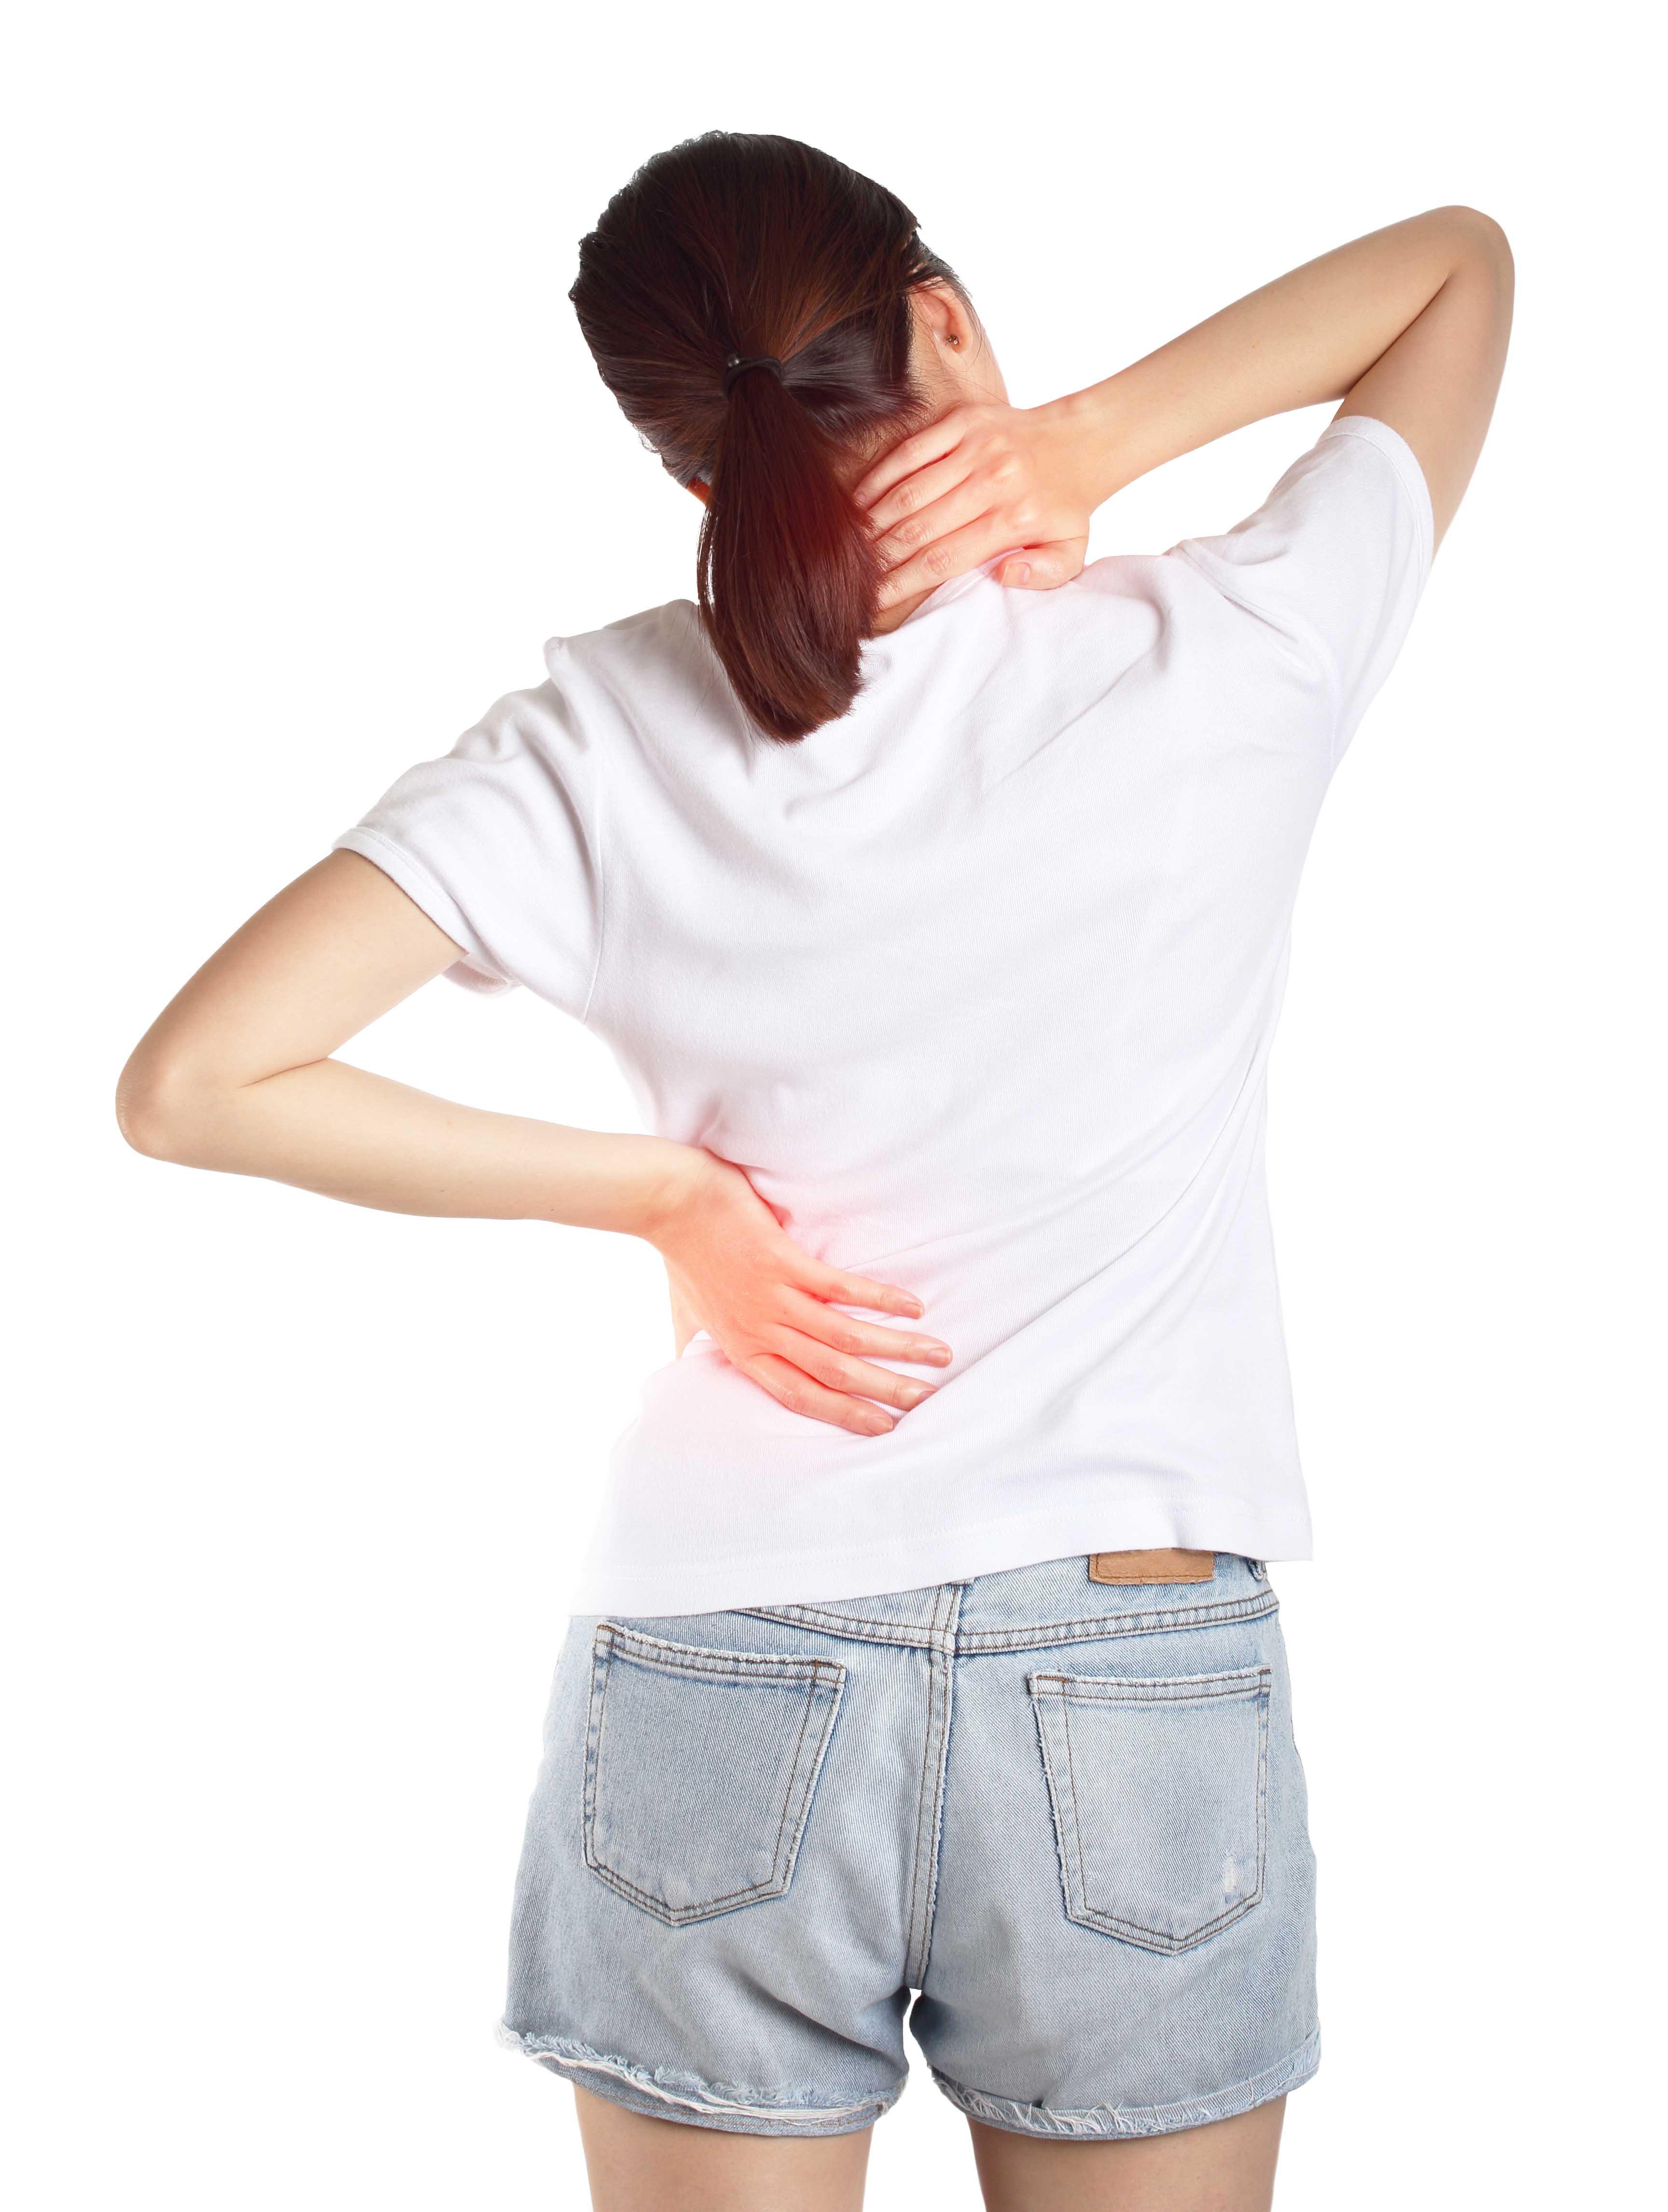 Vale uhine pohjustab ravi